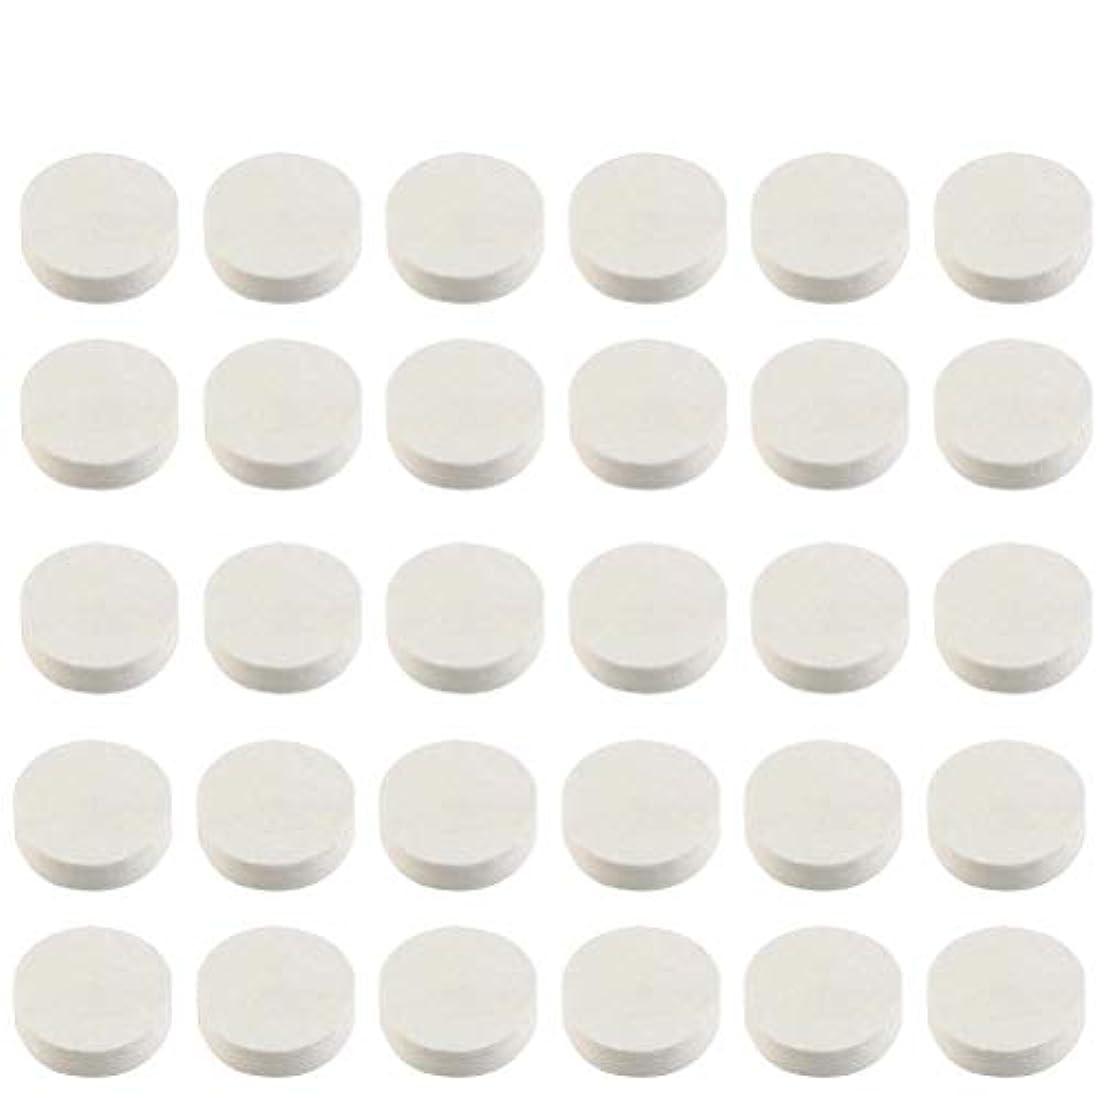 花束熱乗算WINOMO 圧縮マスク 圧縮フェイスパック 圧縮マスクシート スキンケア DIY美容マスク ランダムカラー 30枚入り 携帯便利 使い捨て